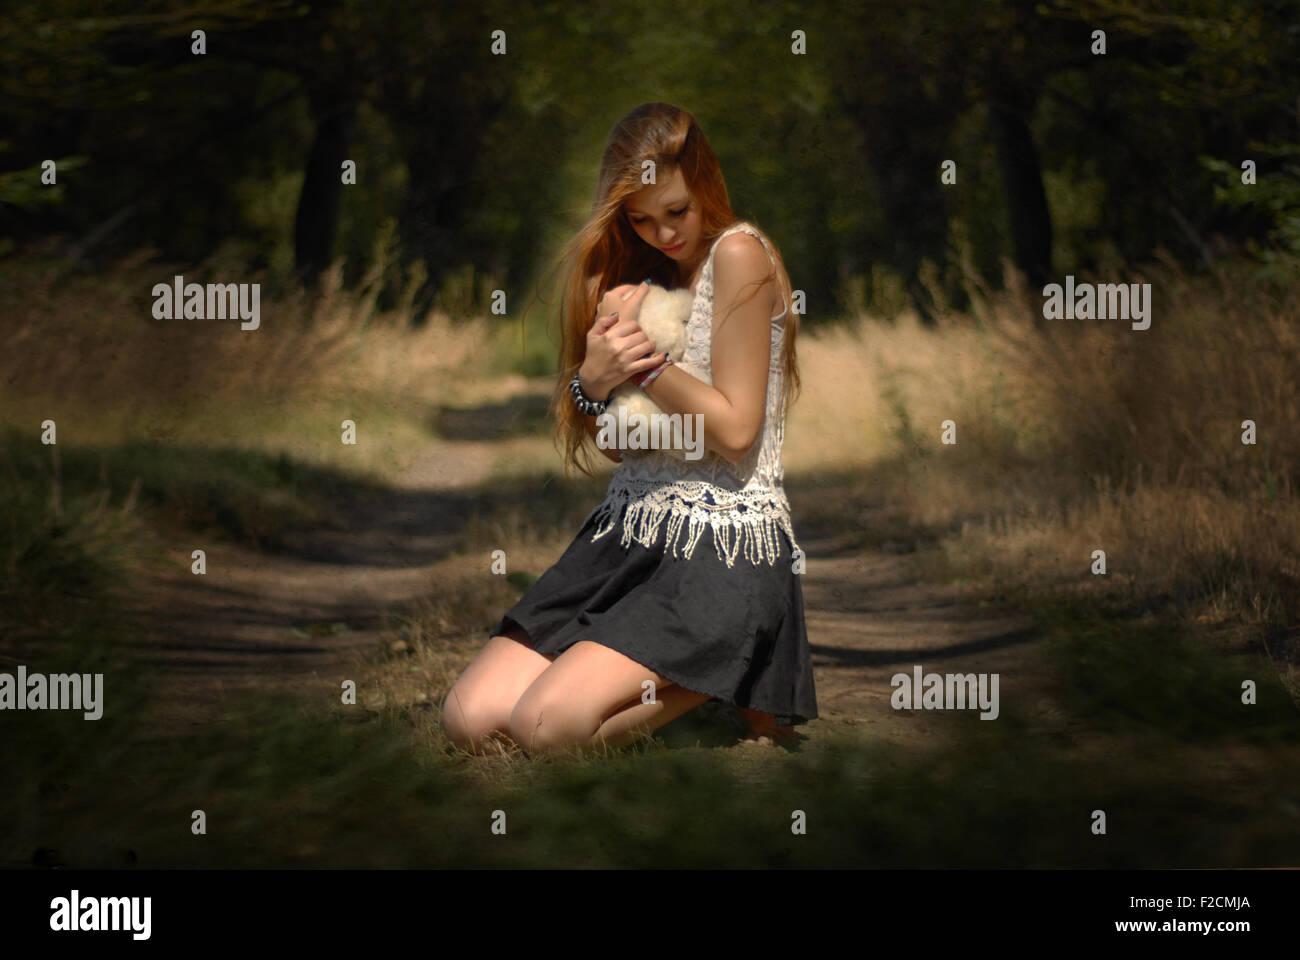 Perdió el alma y la inocencia - chica abrazando a oso de peluche en el bosque llorando niña en el bosque Imagen De Stock